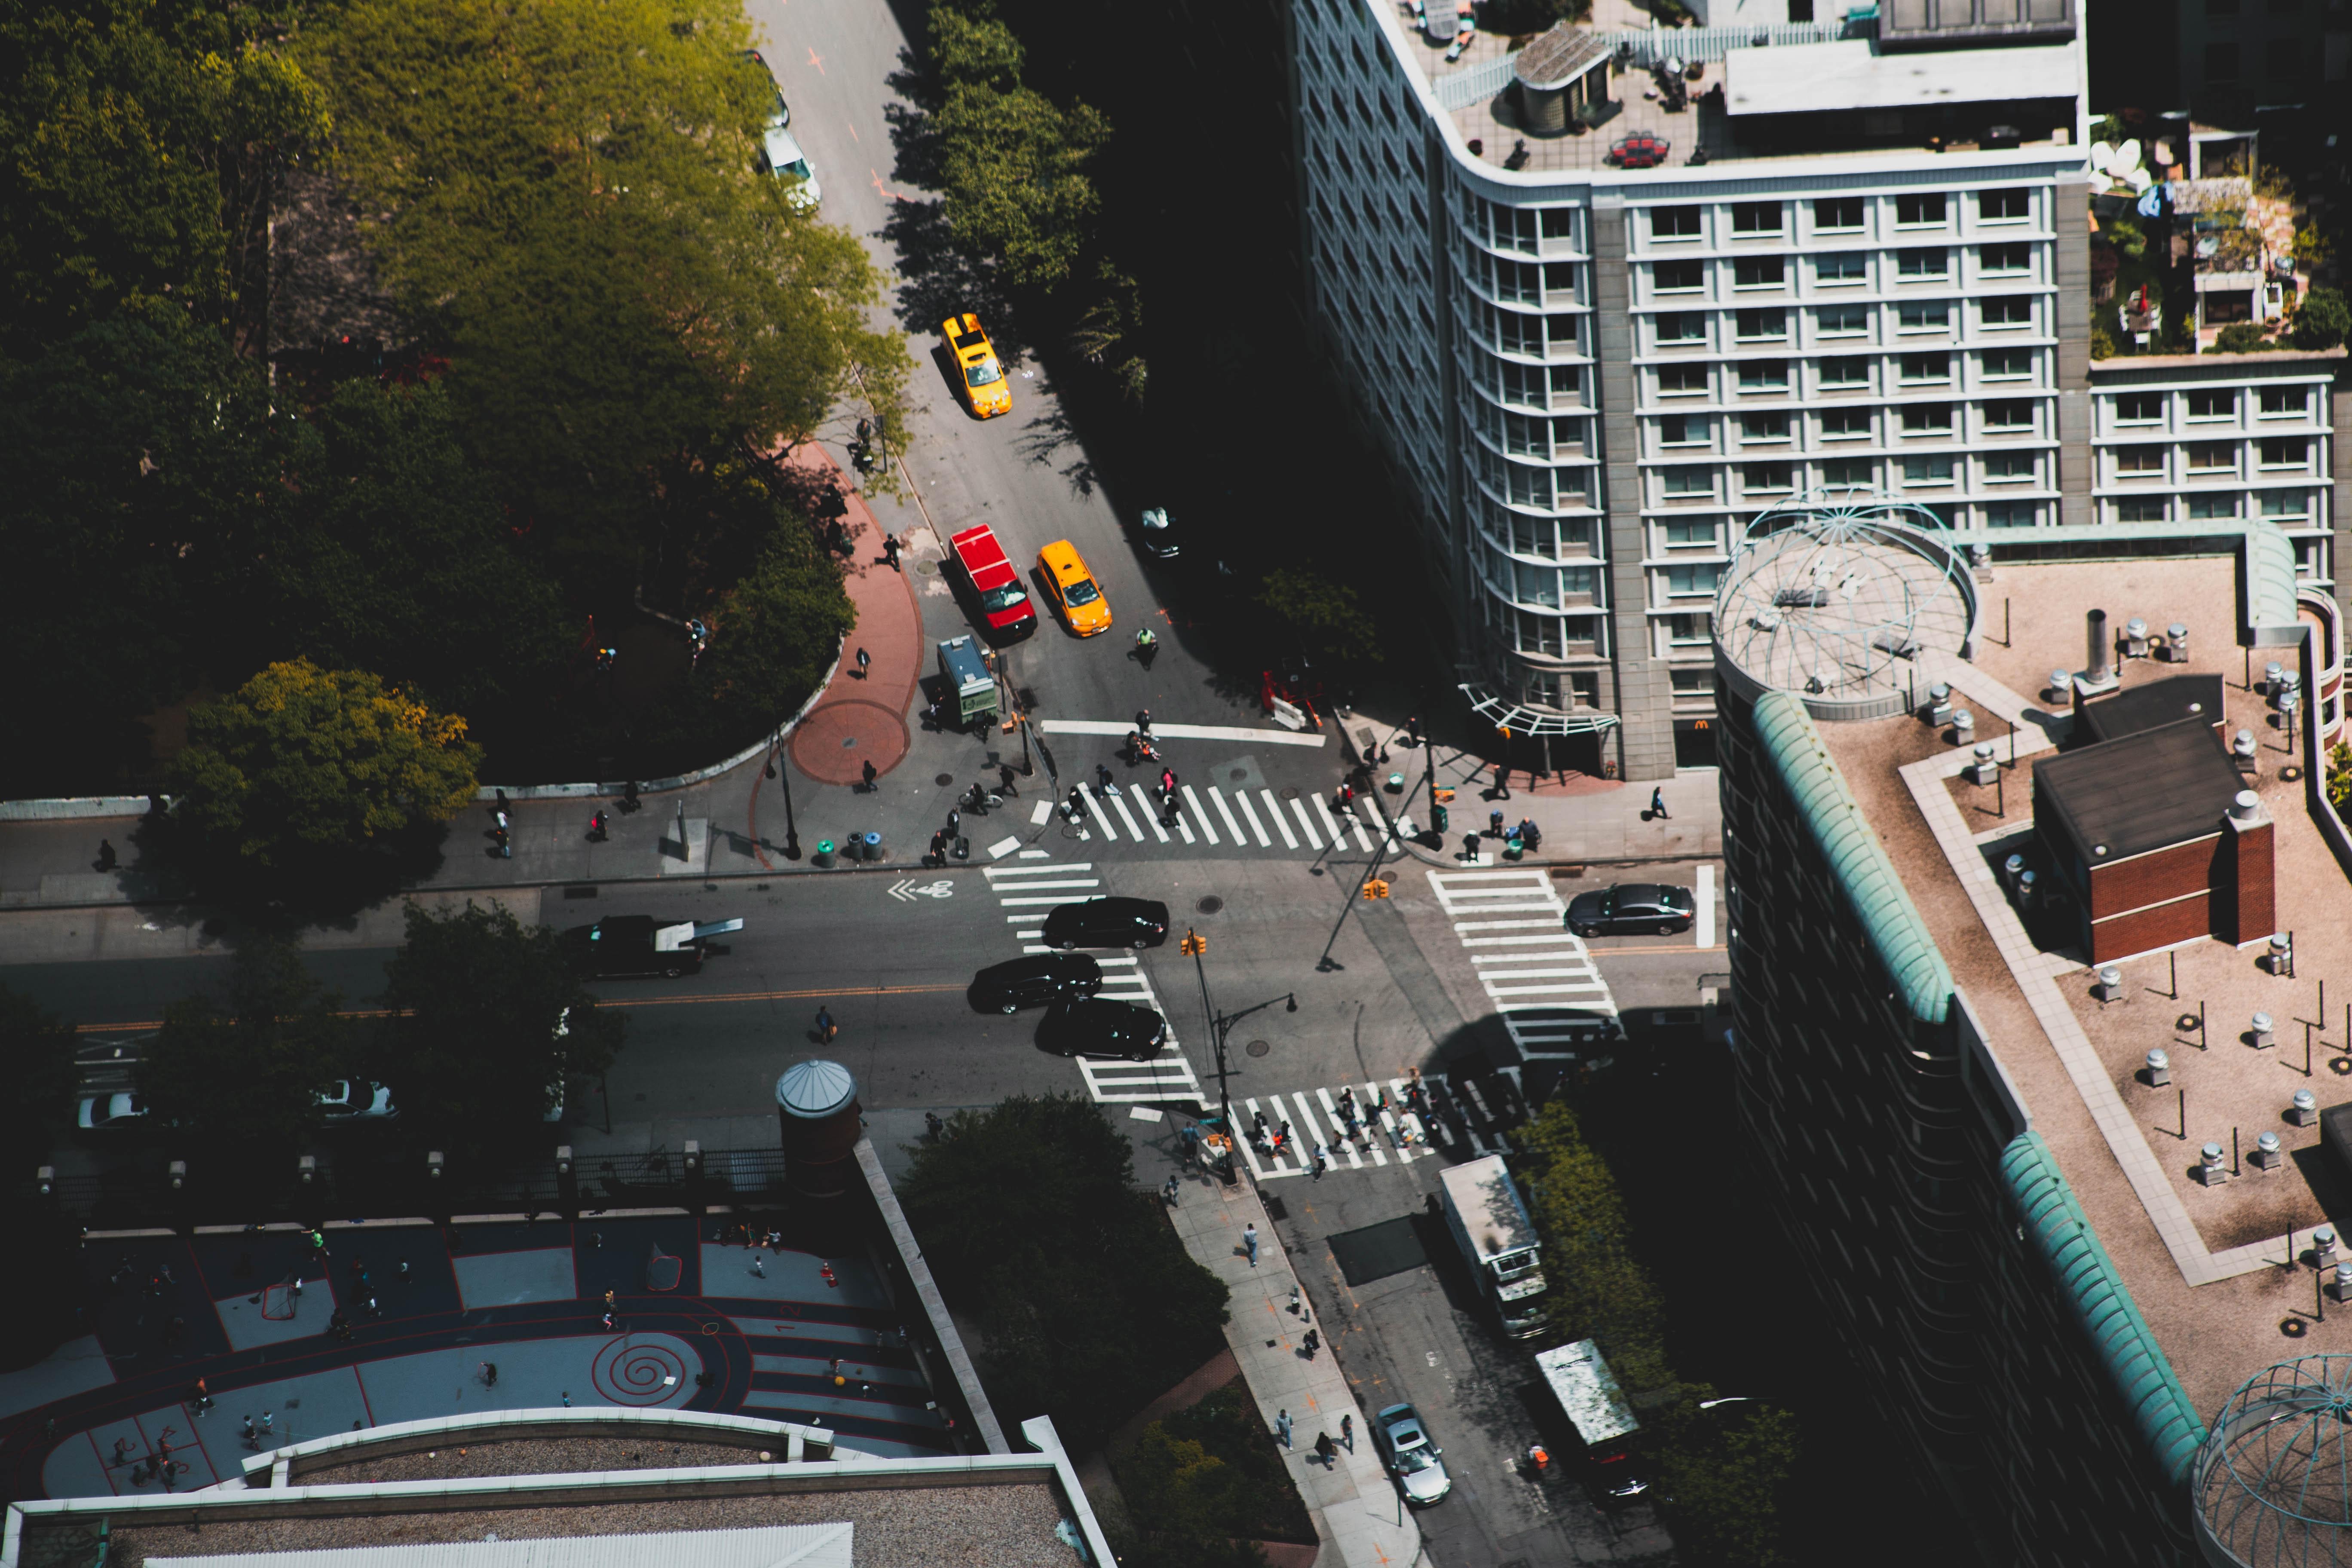 architectural-design-architecture-asphalt-2356096 Pixels